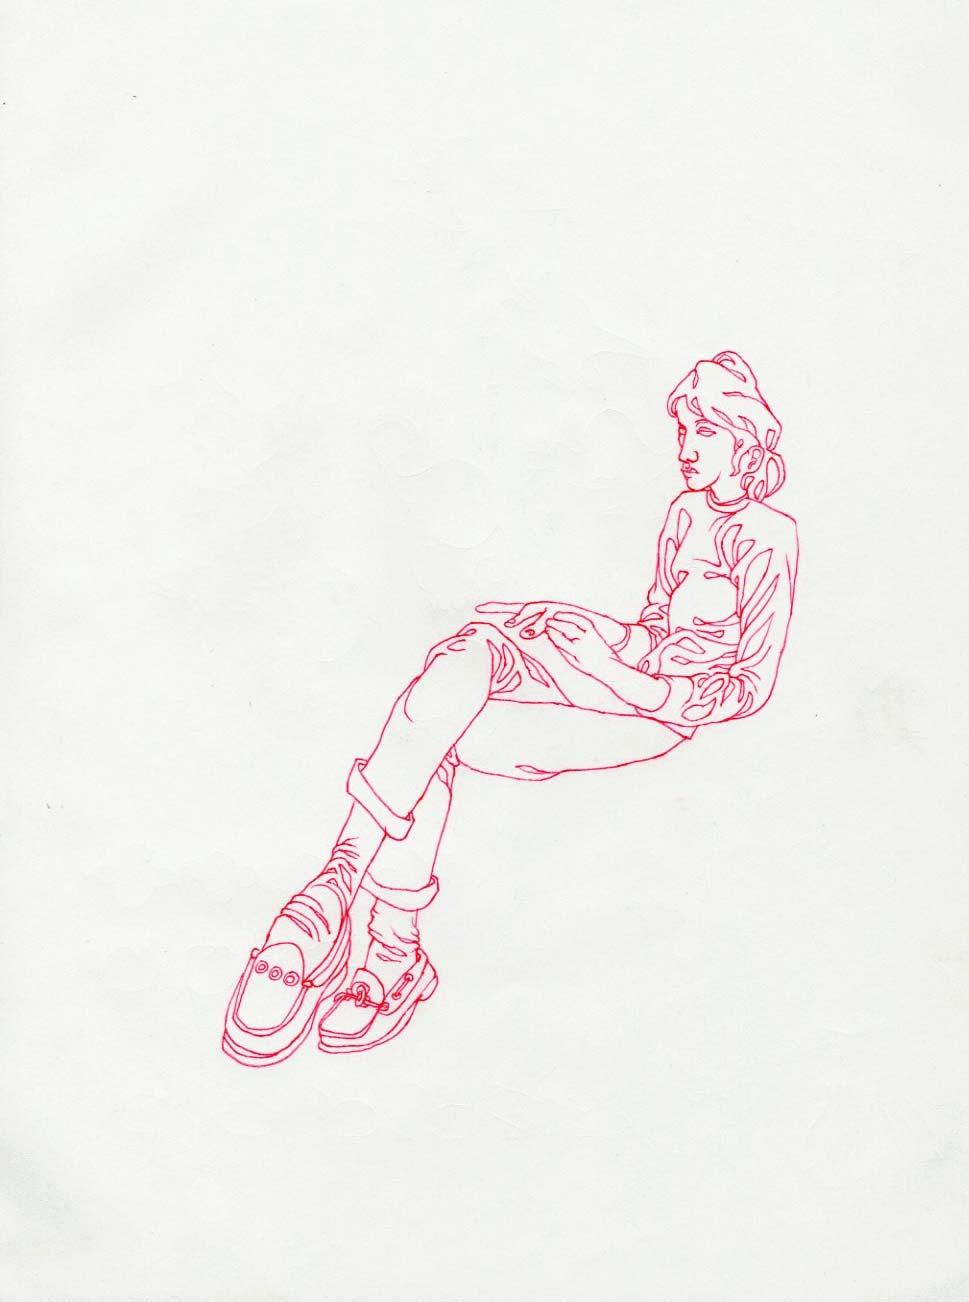 drawings4050.jpg